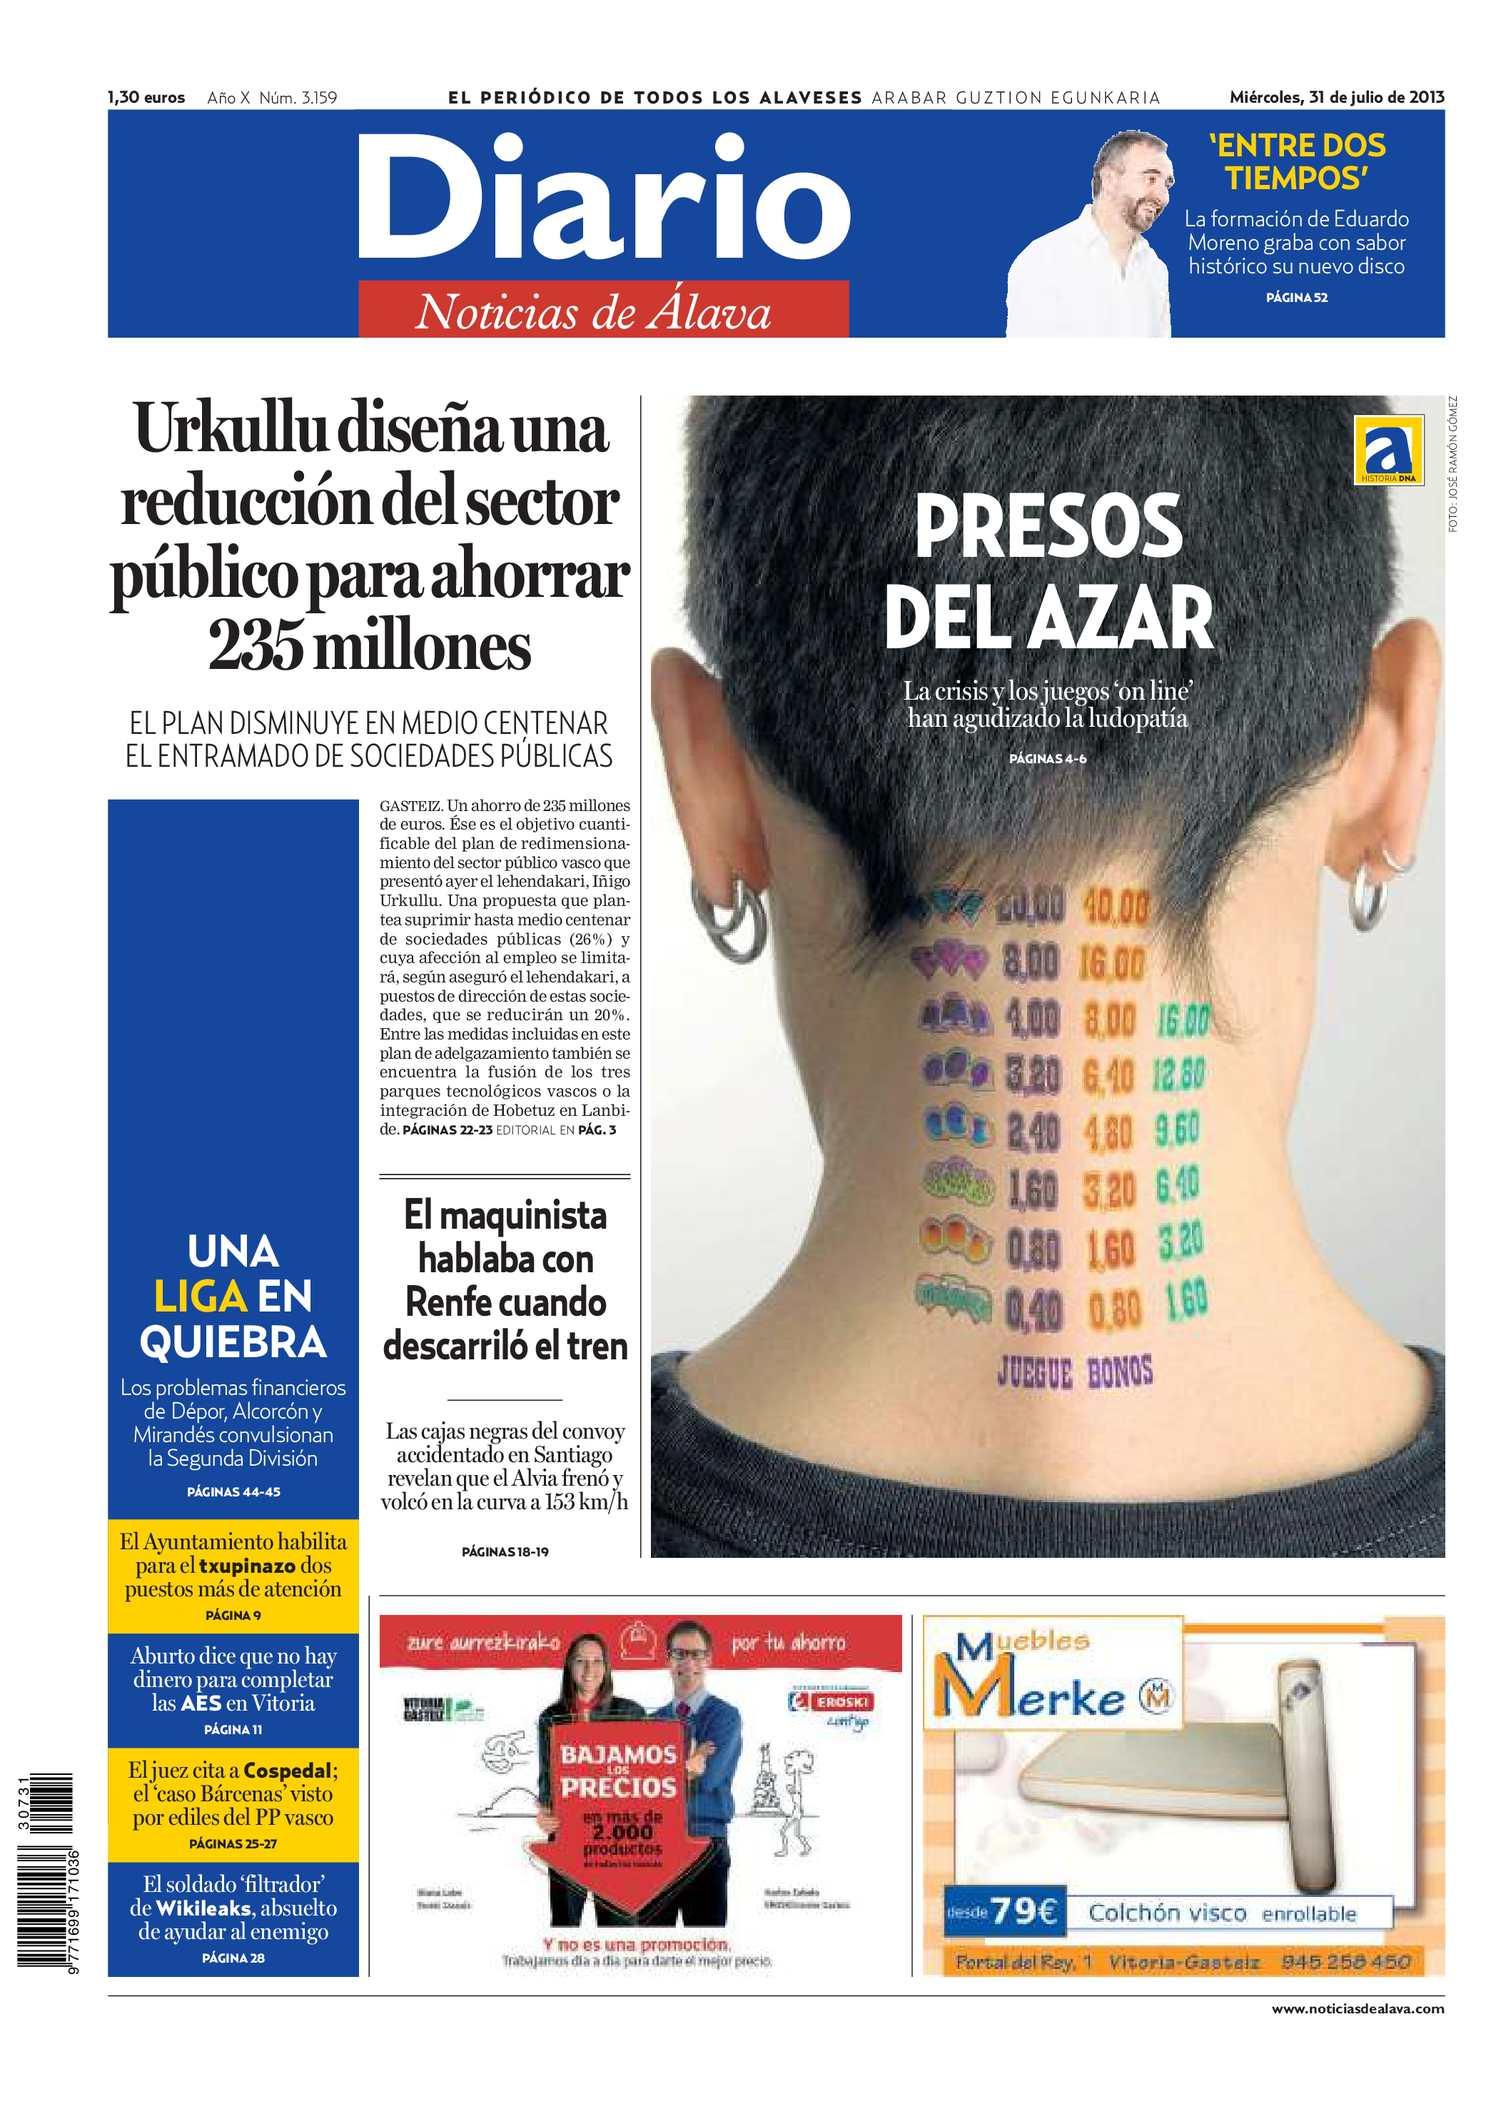 Calaméo - Diario de Noticias de Álava 20130731